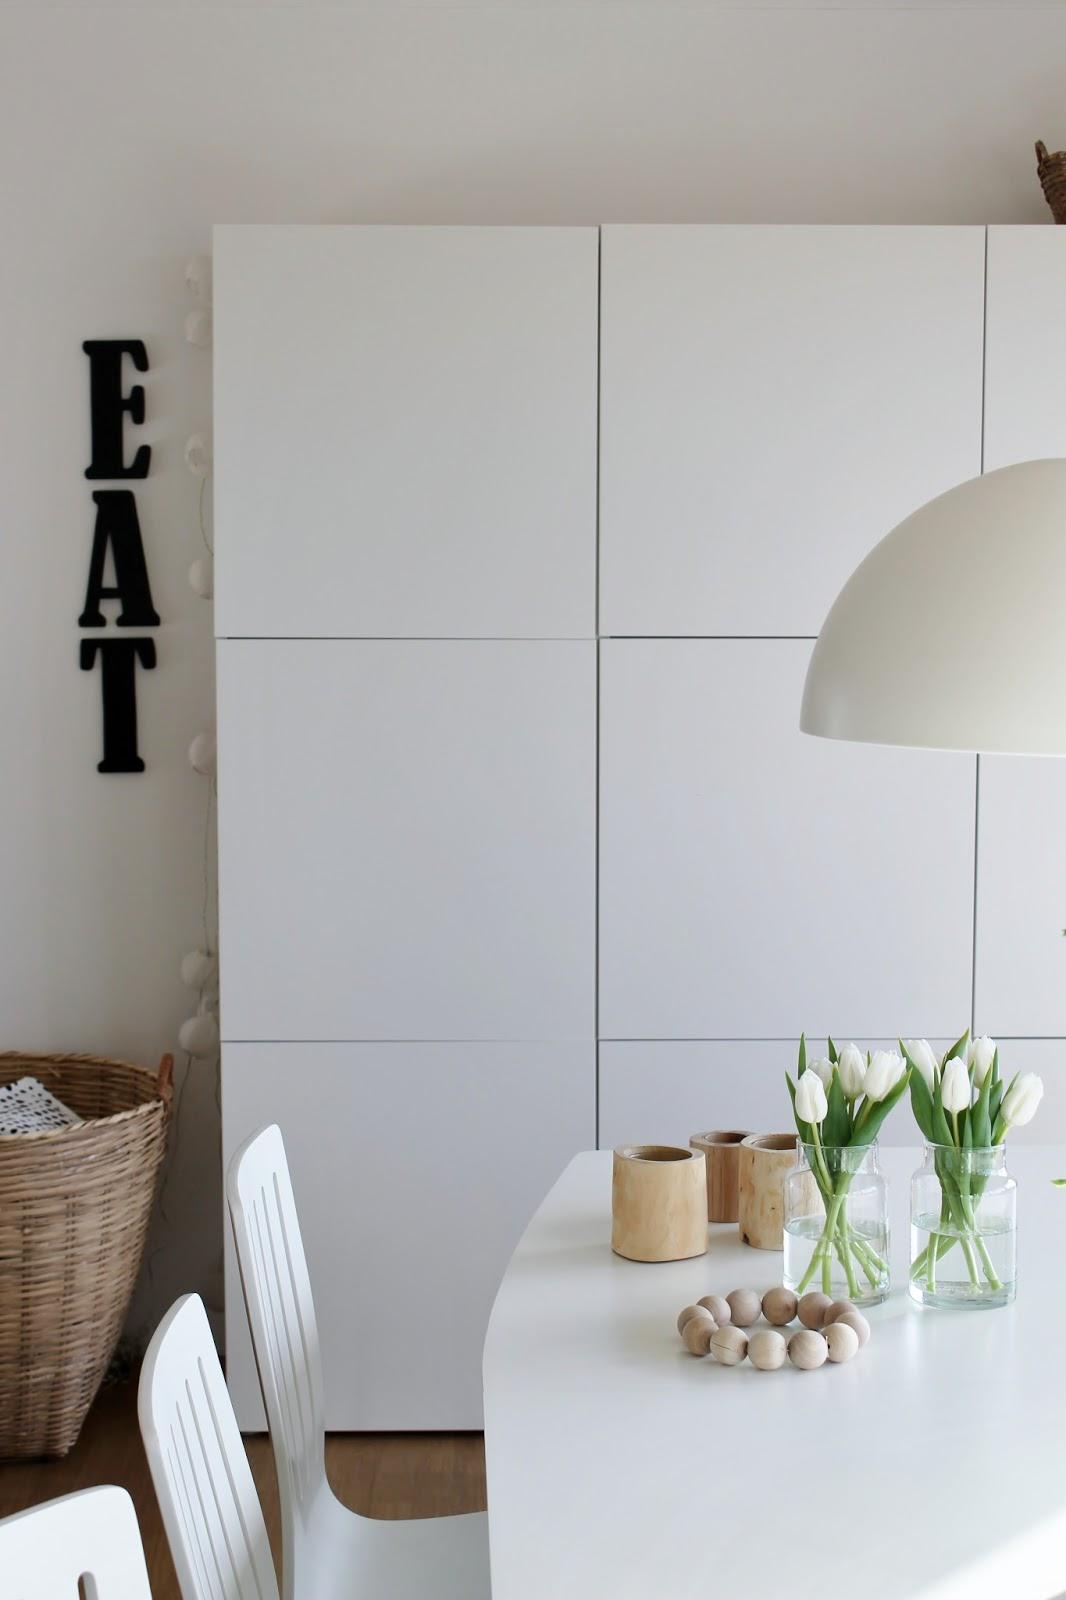 Ikea skap stue – Materialvalg for baderomsmøbler